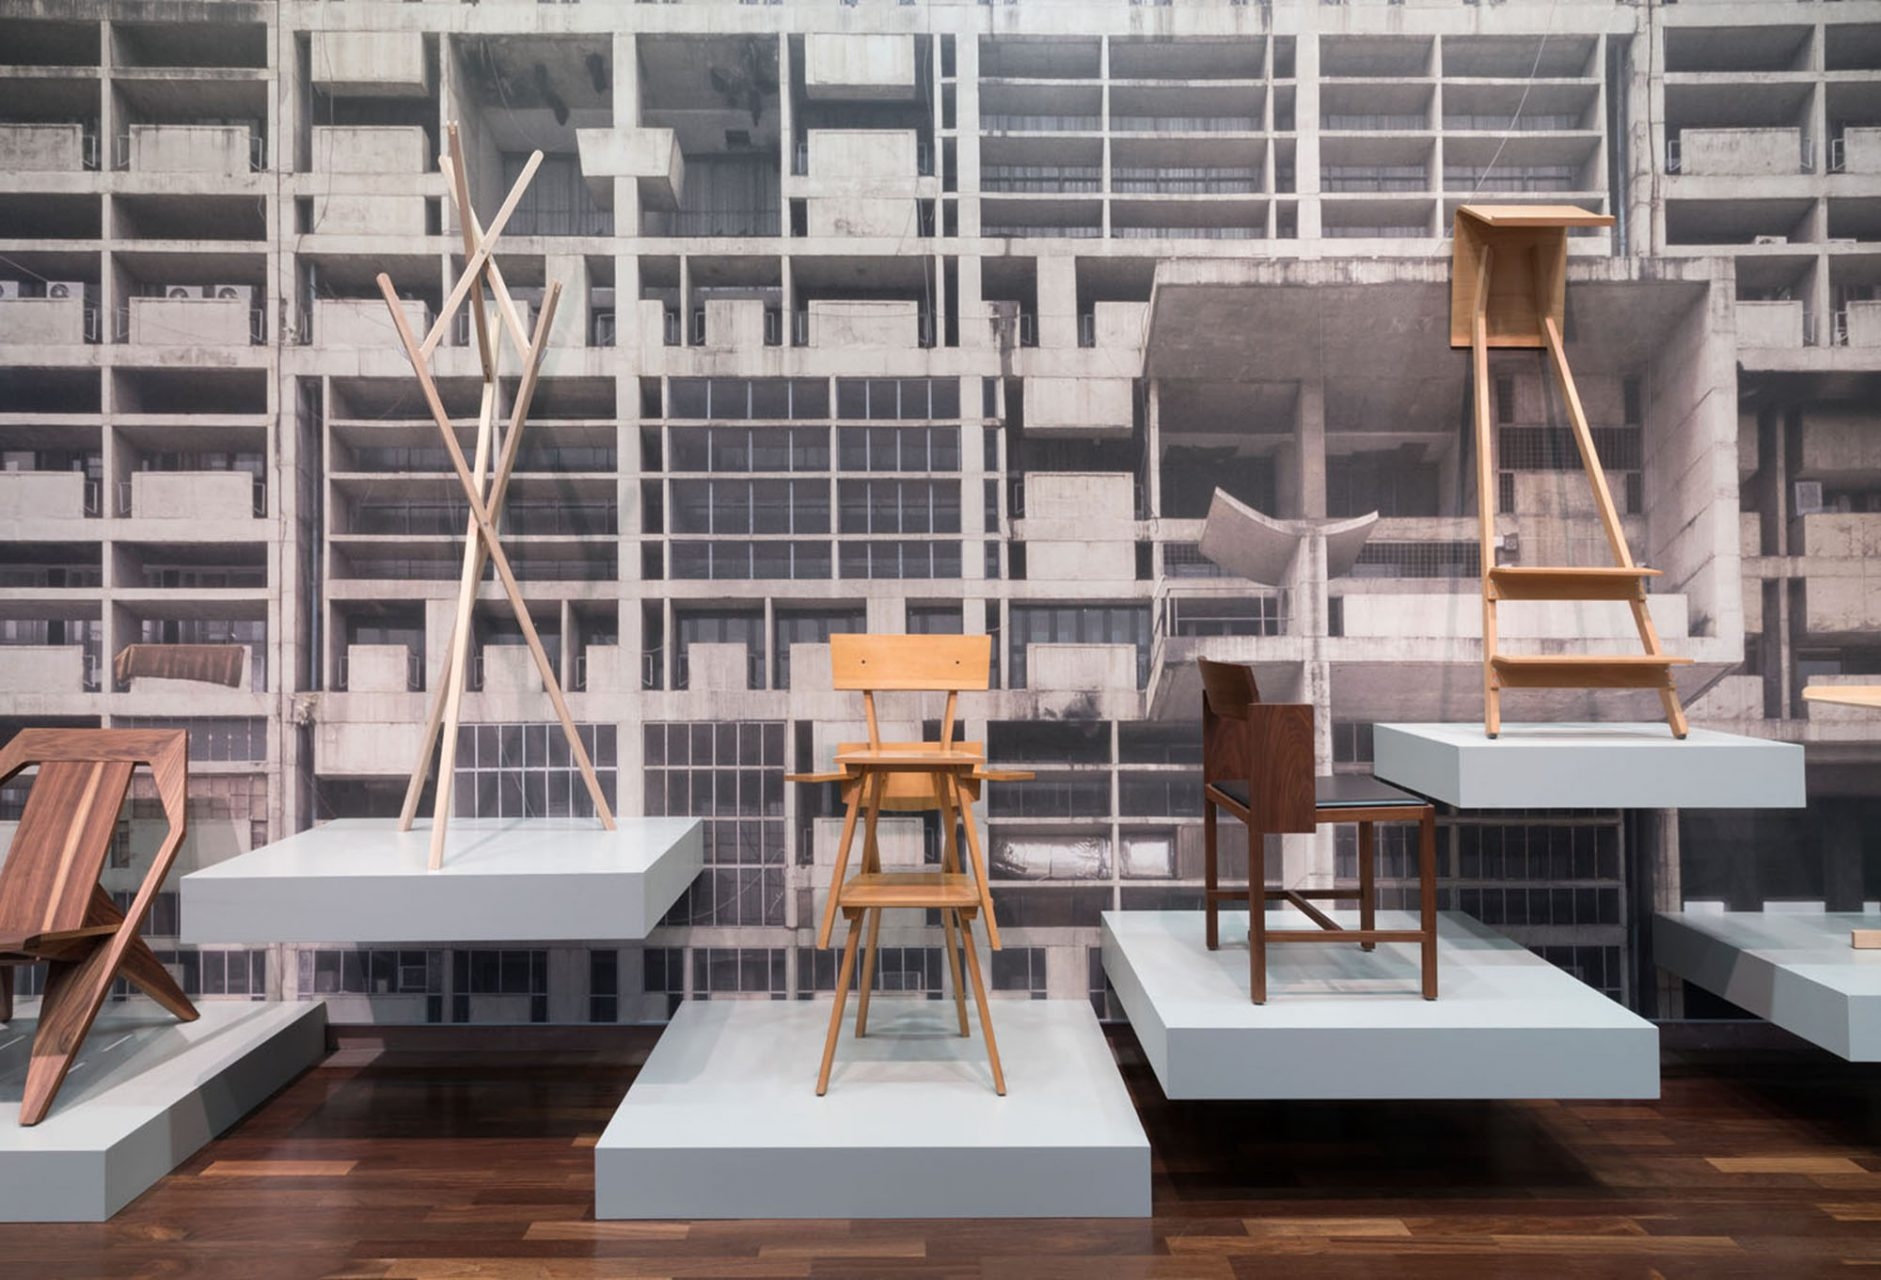 """""""Abbildungen"""".  Gerade ging die Schau des renommierten Industriedesigners Konstantin Gricic zu Ende. Seine Entwürfe, wie der chair_ONE von 2004 oder die Leuchte Mayday von 1999 zählen bereits jetzt zu Designklassikern."""